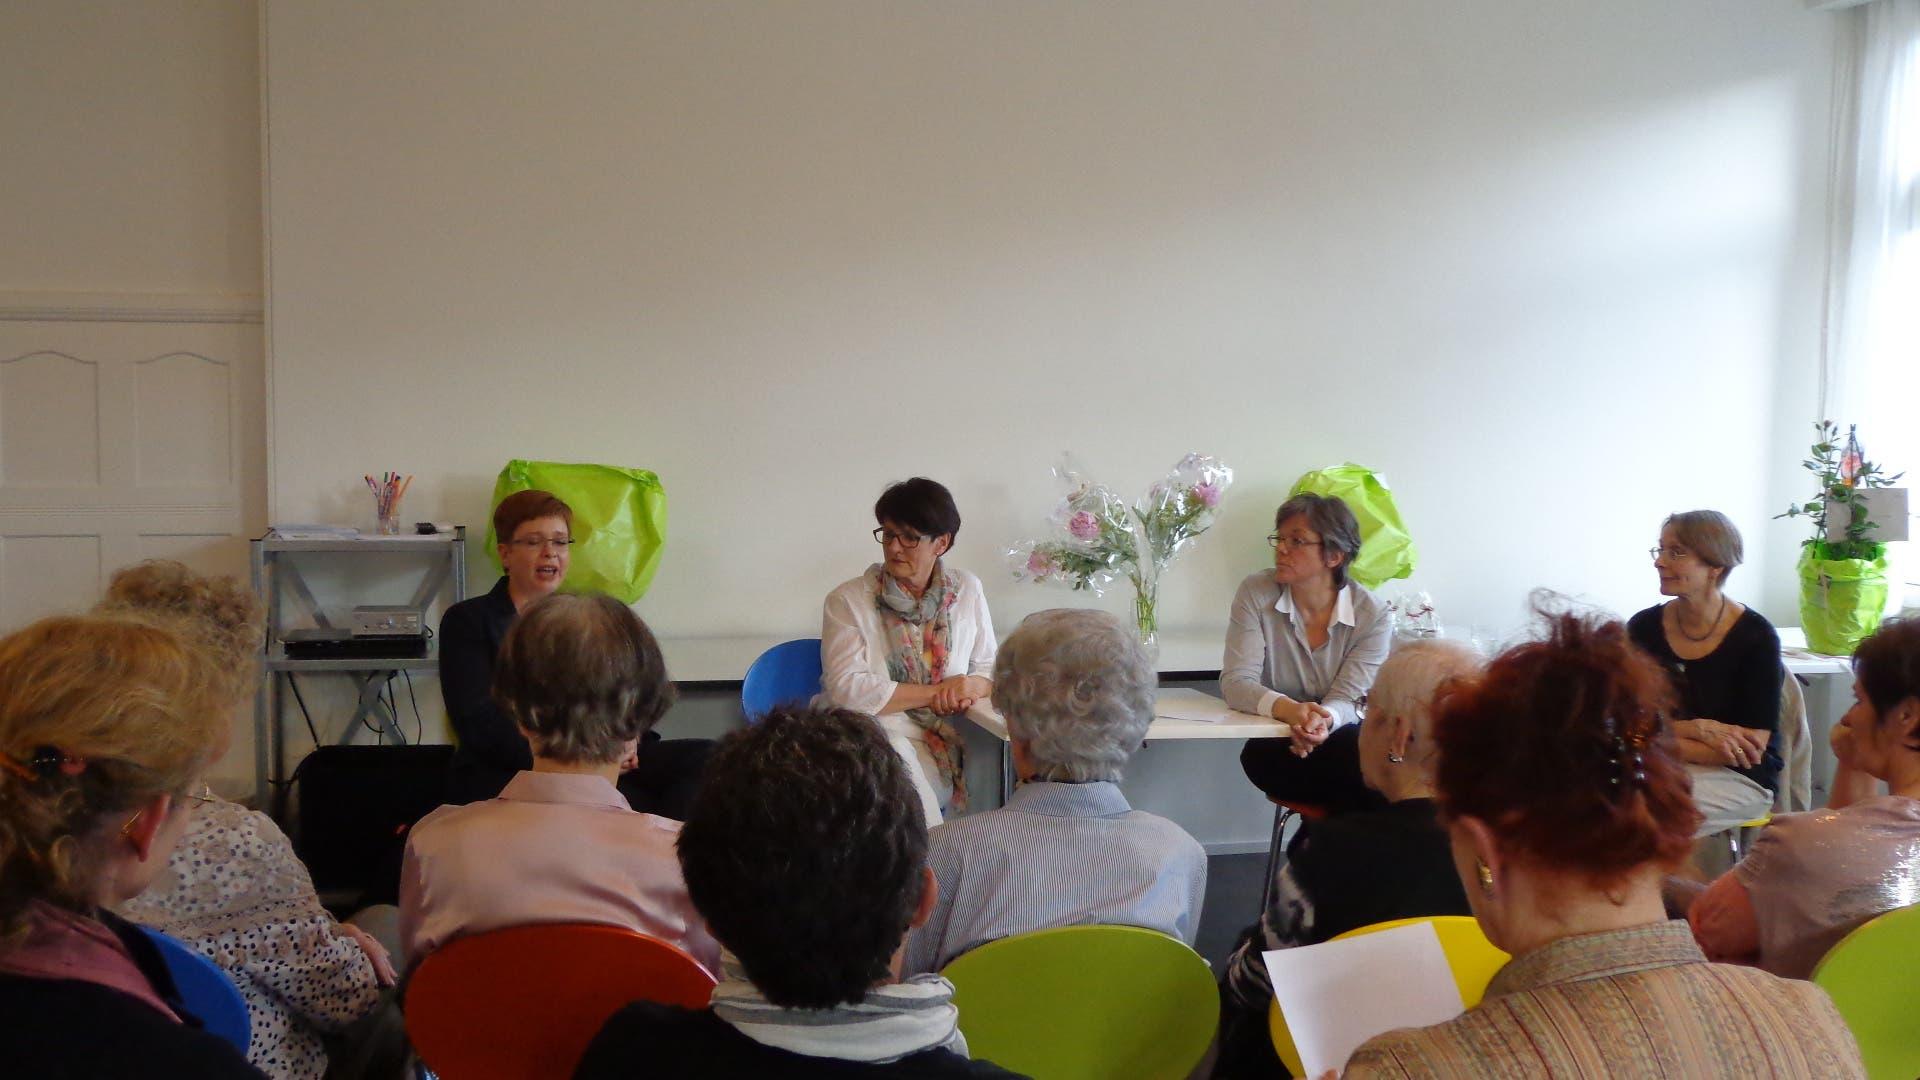 Badener Stadträtinnen Die drei Badener Stadträtinnen, Ruth Müri, Daniela Berger und Regula Dell'Anno im Gespräch mit dem interessierten Publikum